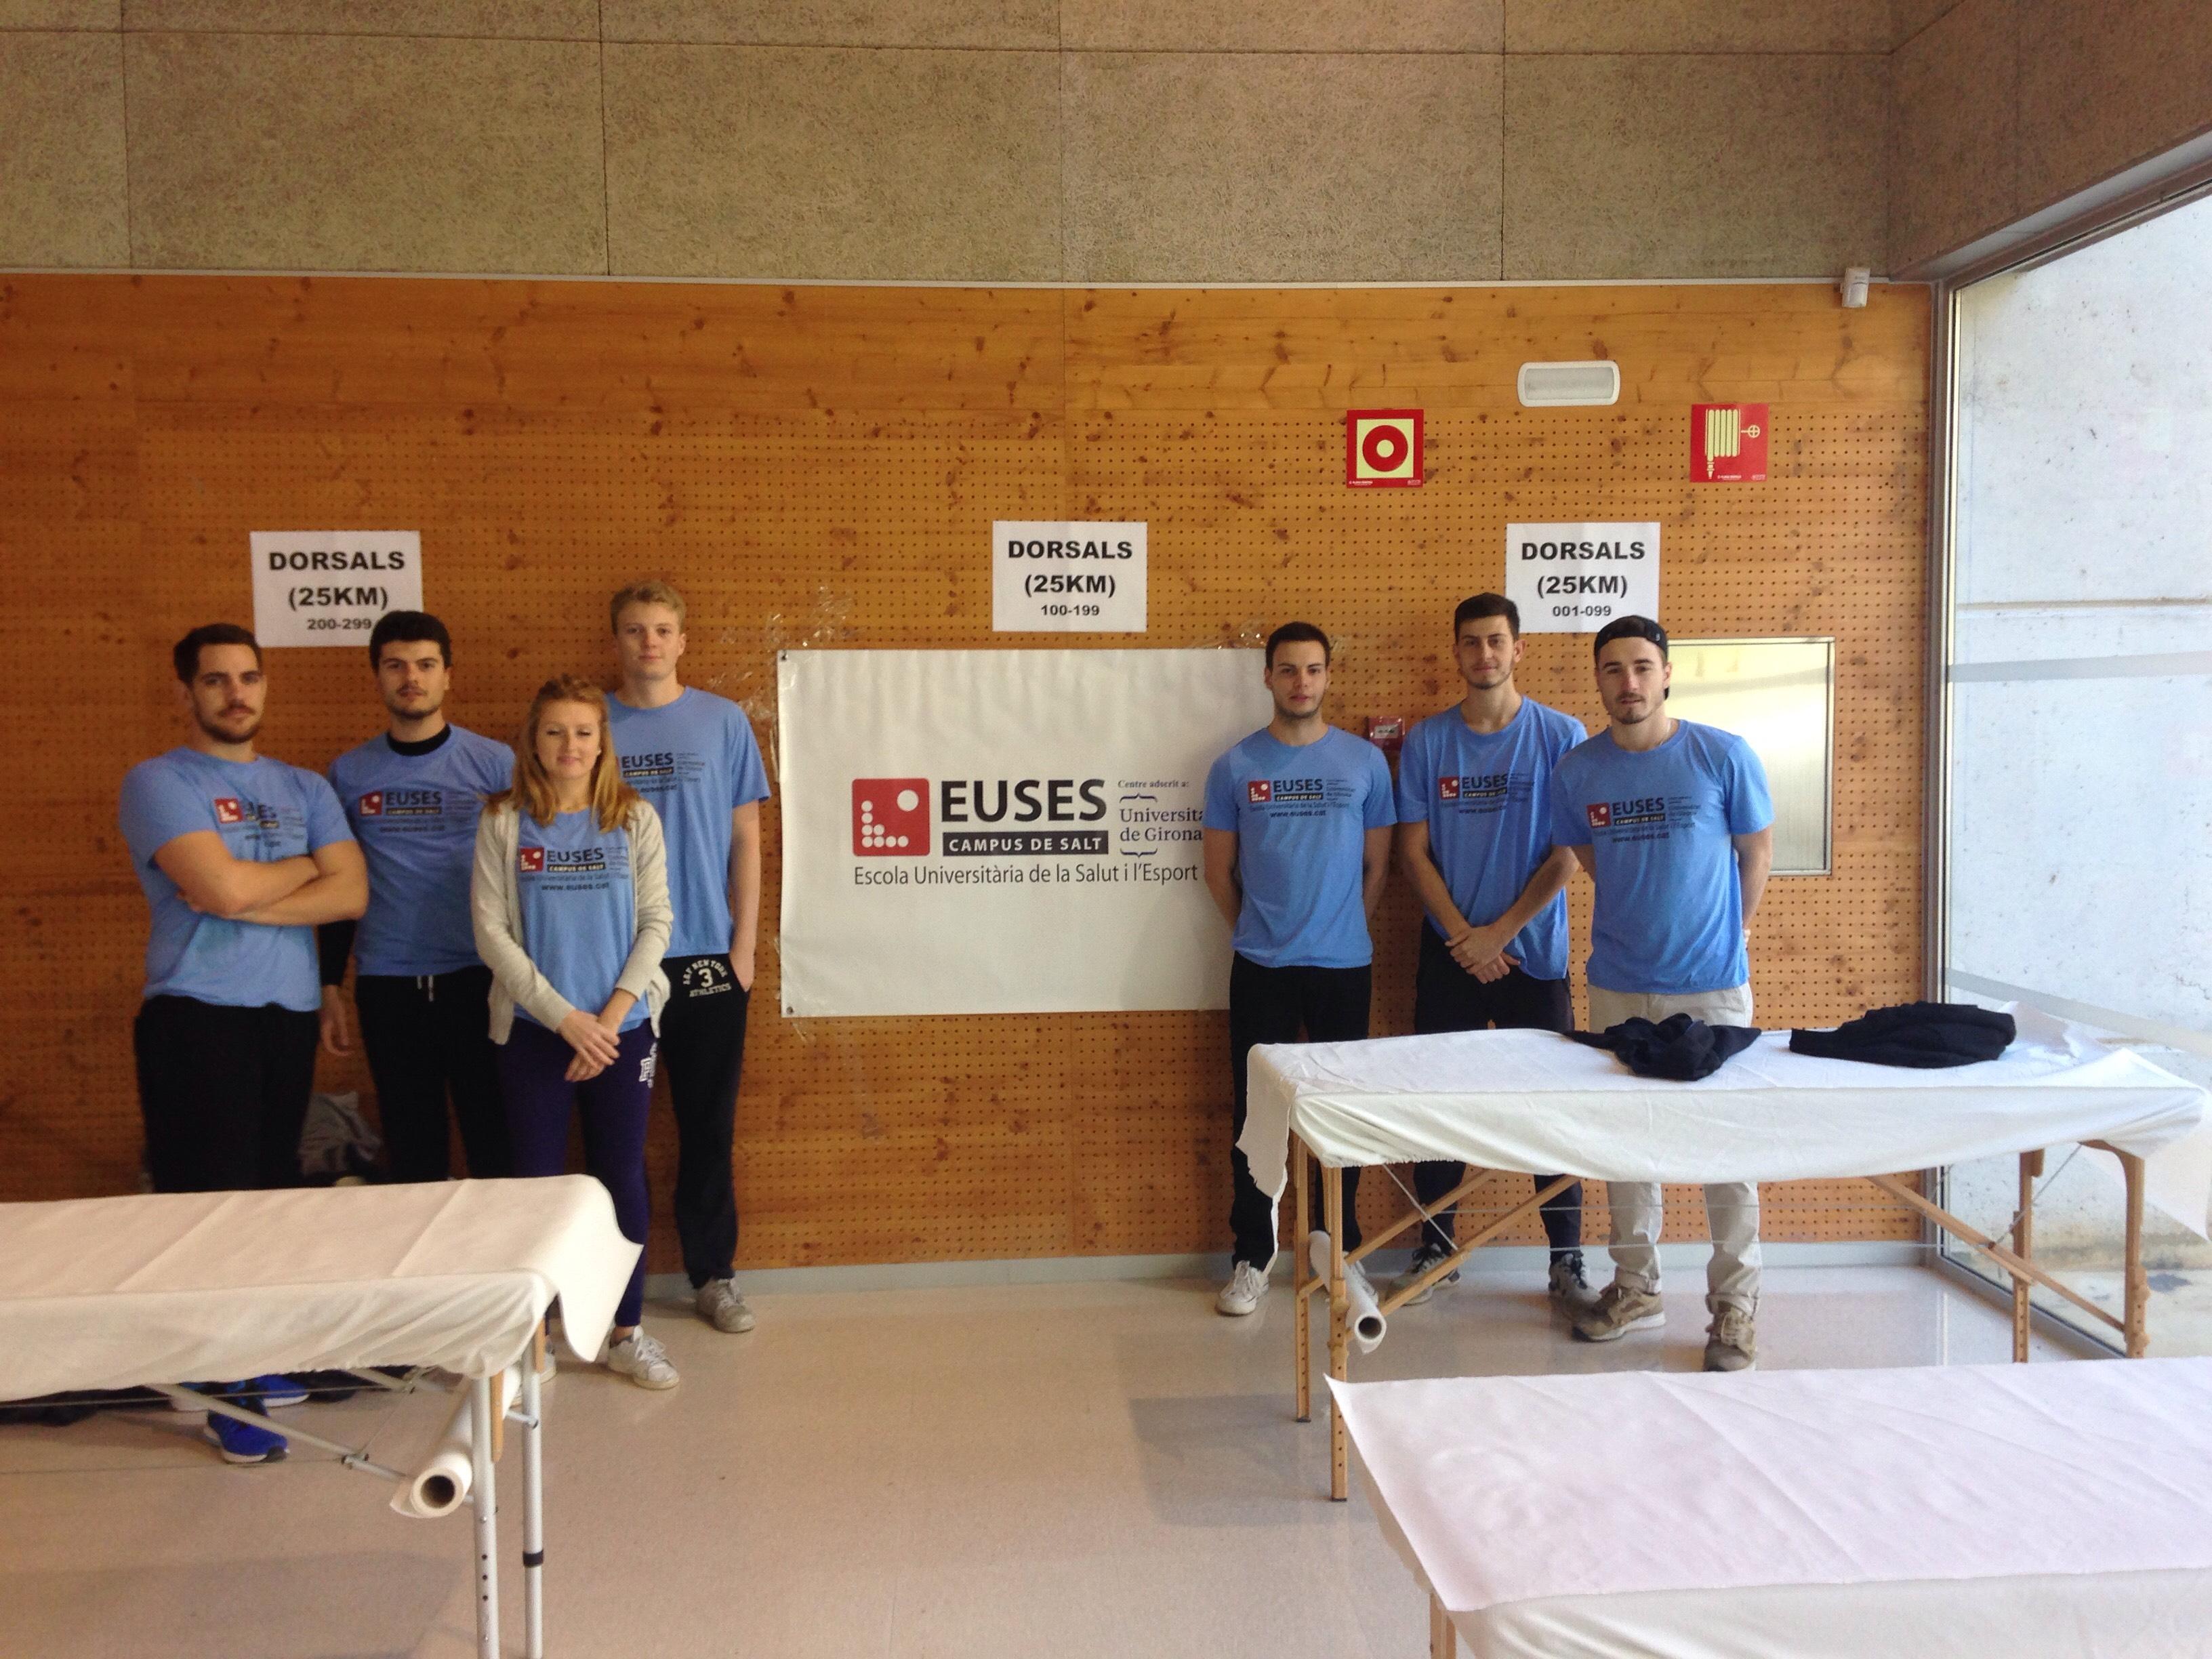 L'Escola Universitària de la Salut i l'Esport, present en una nova edició de la cursa de muntanya Montserrat Skyrace